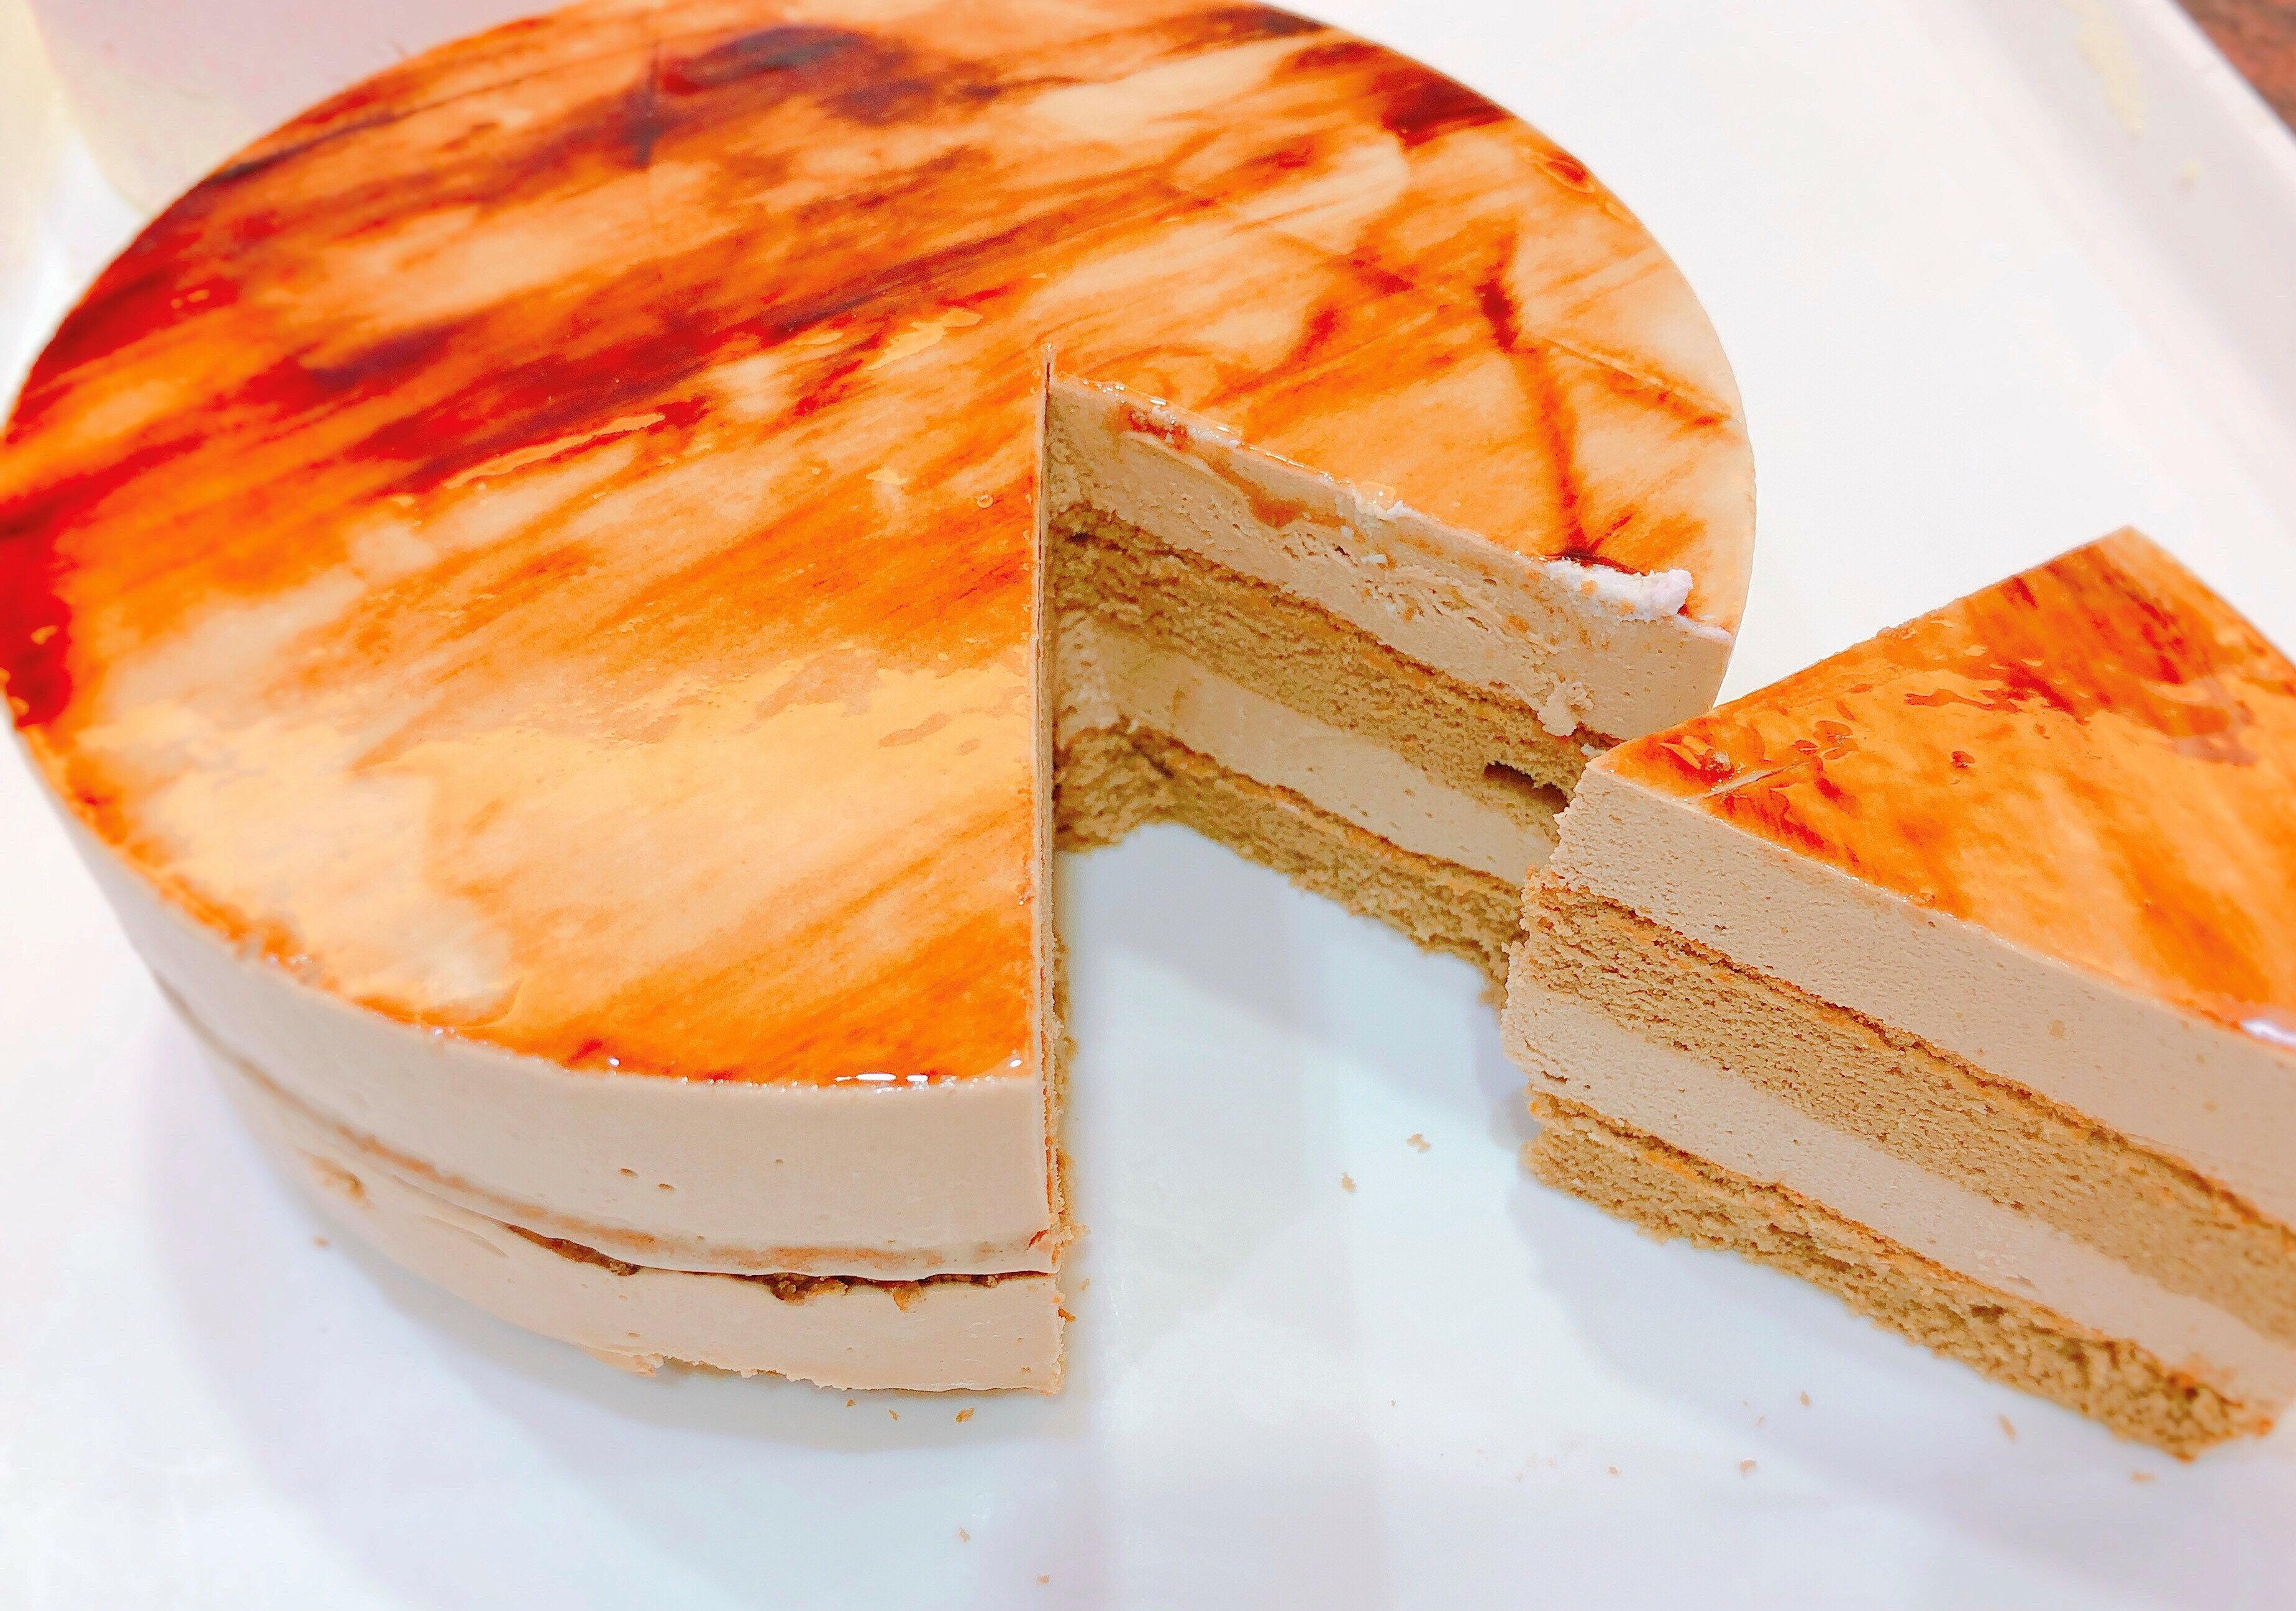 6吋咖啡慕斯蛋糕 蛋糕/咖啡蛋糕/慕斯蛋糕/甜點/下午茶/彌月蛋糕